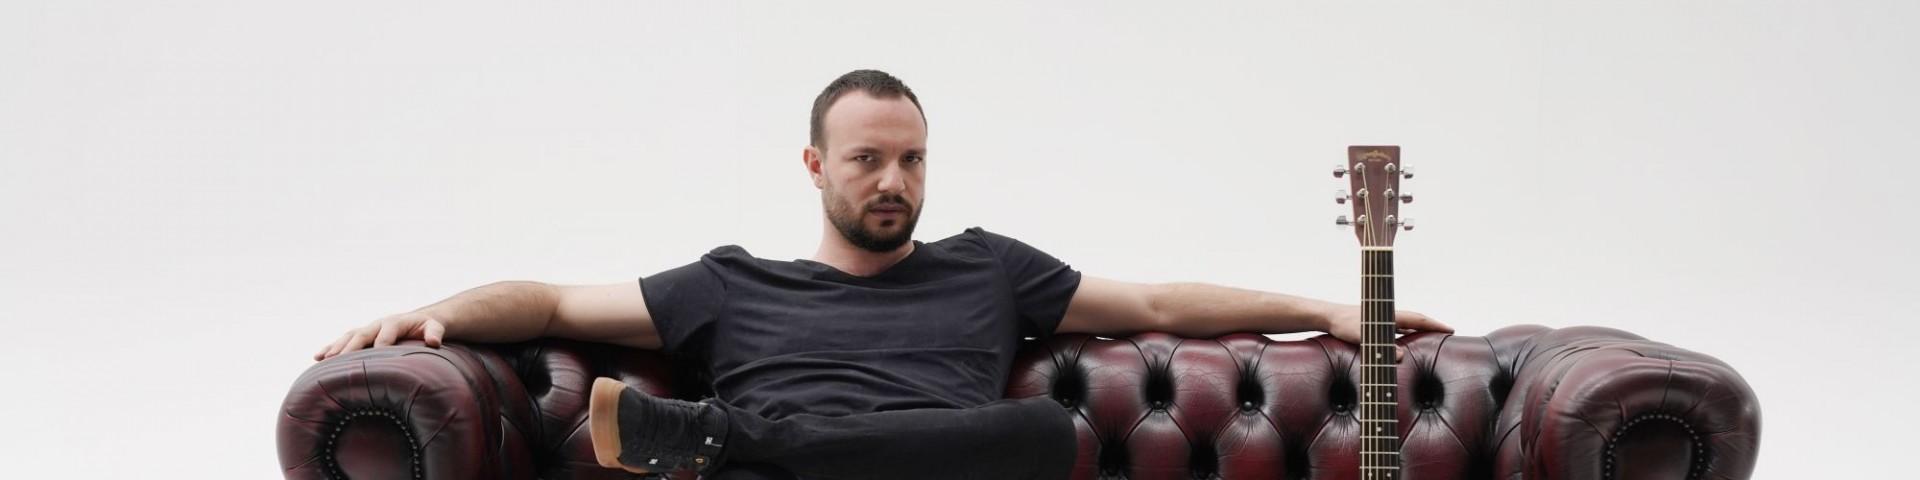 """Antonio Carluccio: """"La parola"""" è il nuovo singolo che anticipa l'album di inediti"""